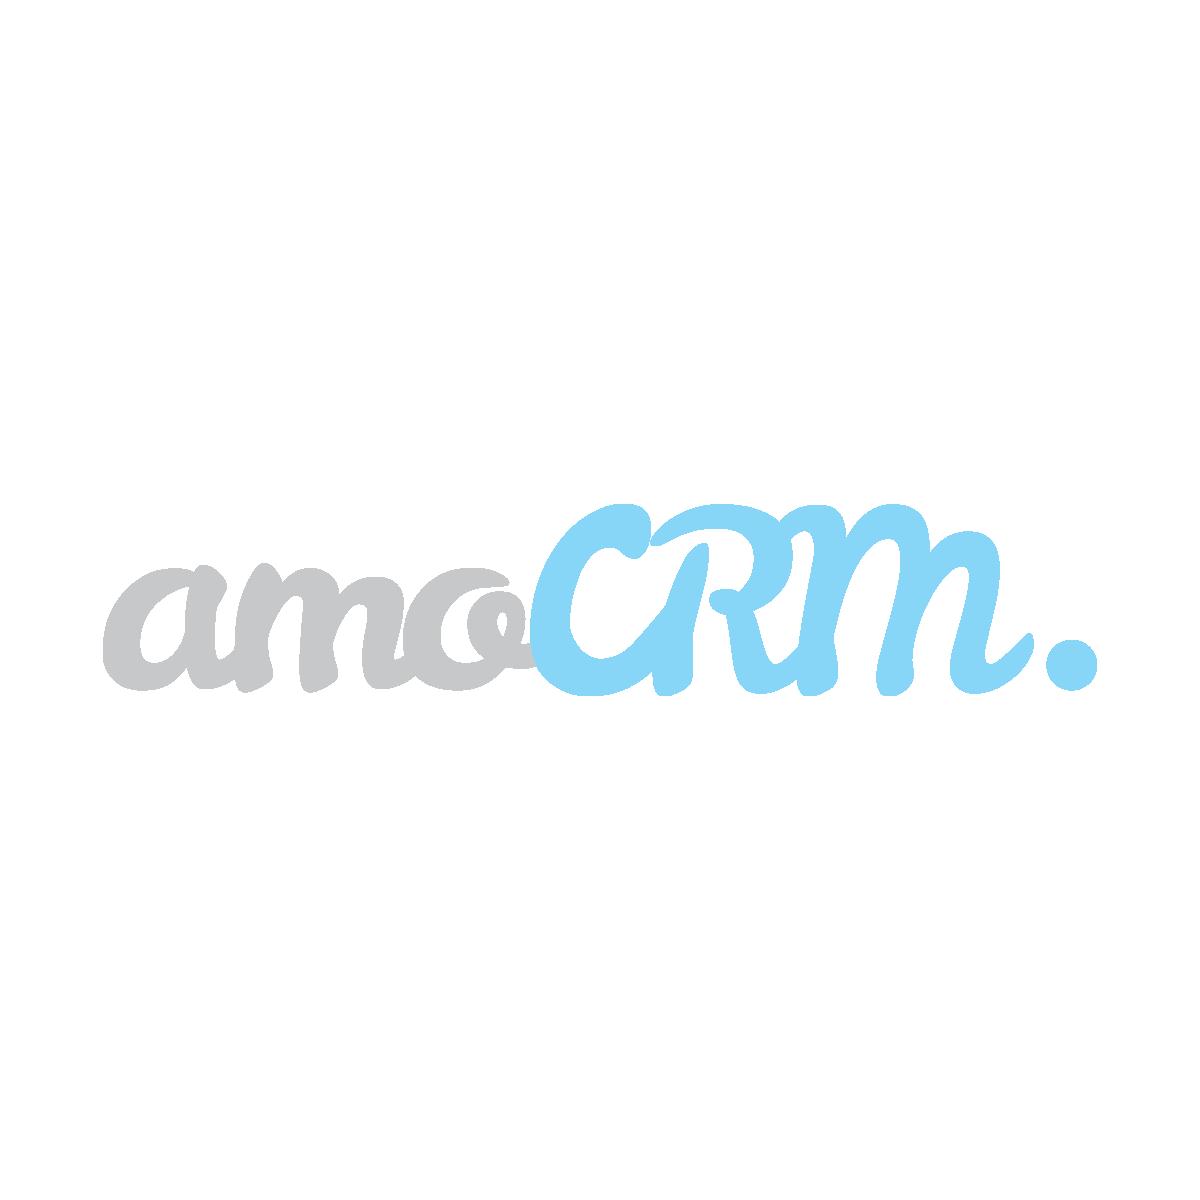 amocrm-logo-white